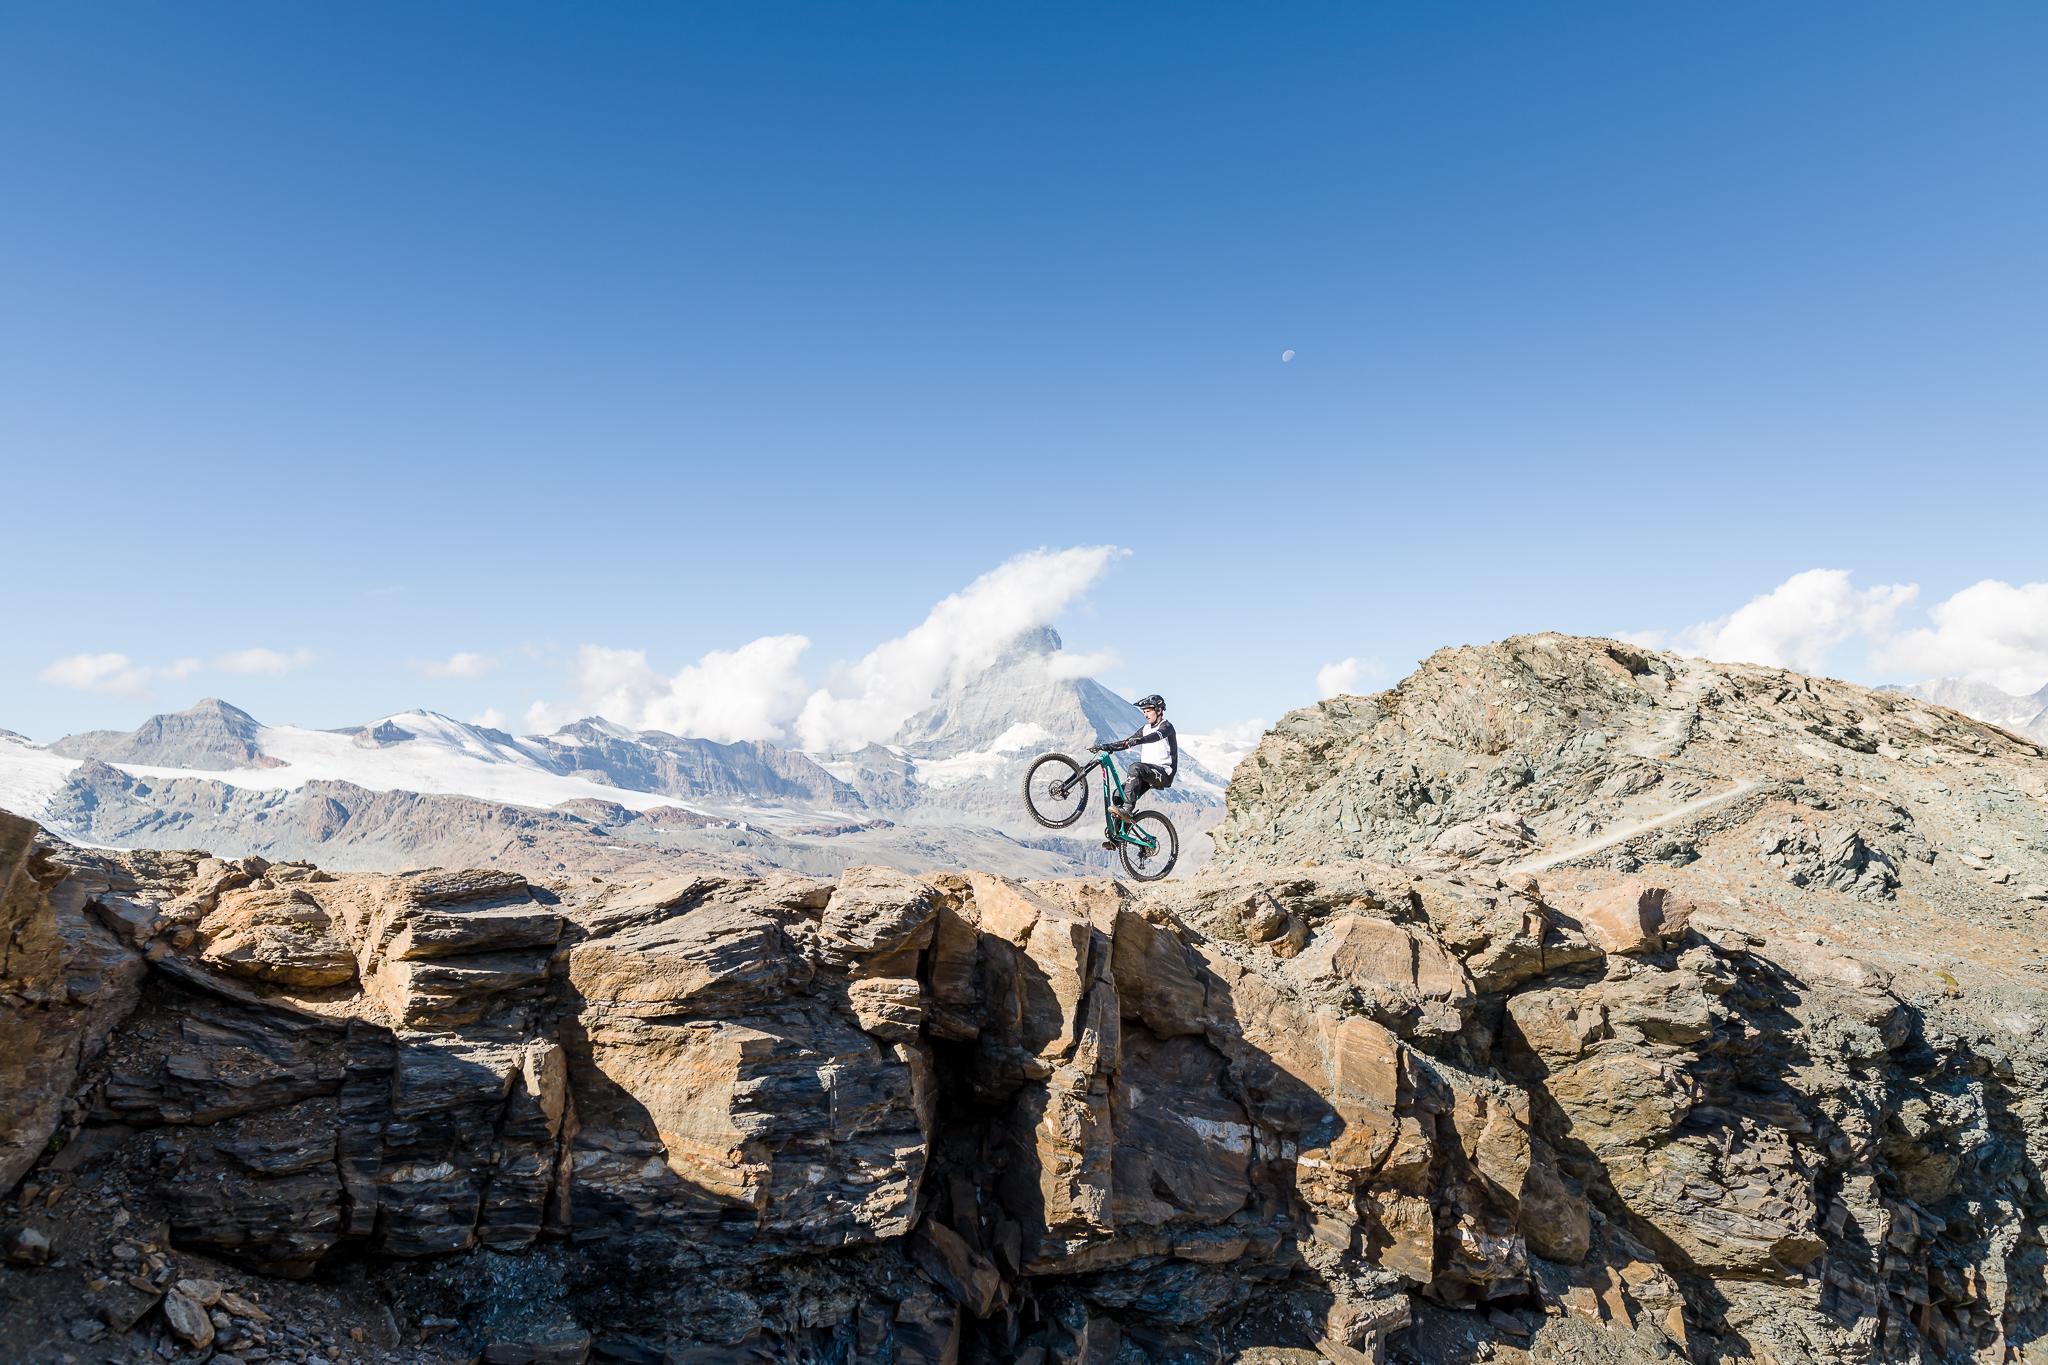 Tyee Carbon Action Ben Reid Zermatt 7